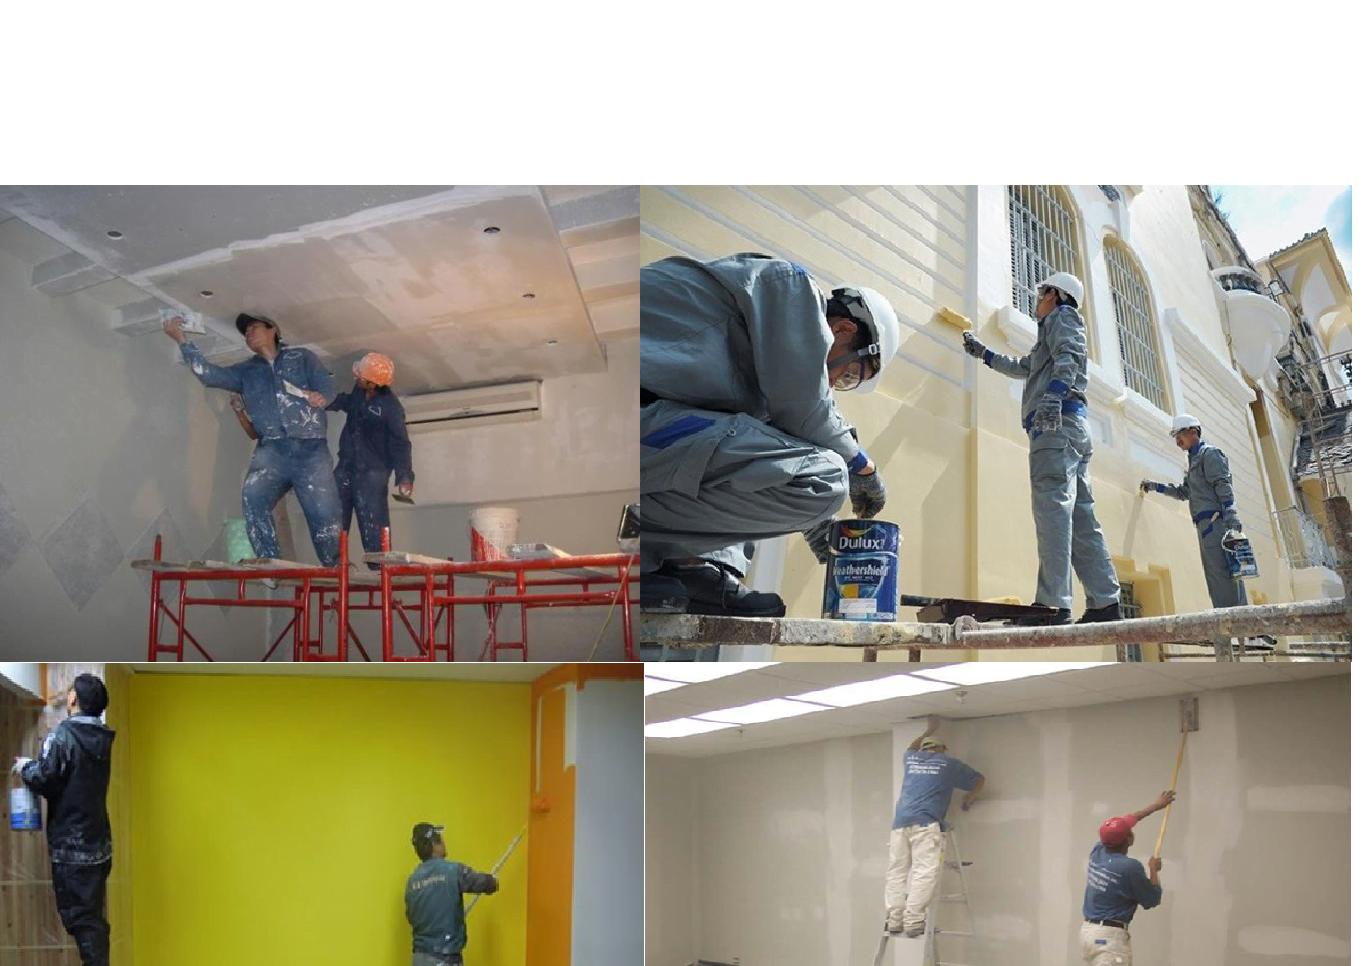 Dich-vu-thi-cong-son-nha-ha-noi Báo giá sơn nhà